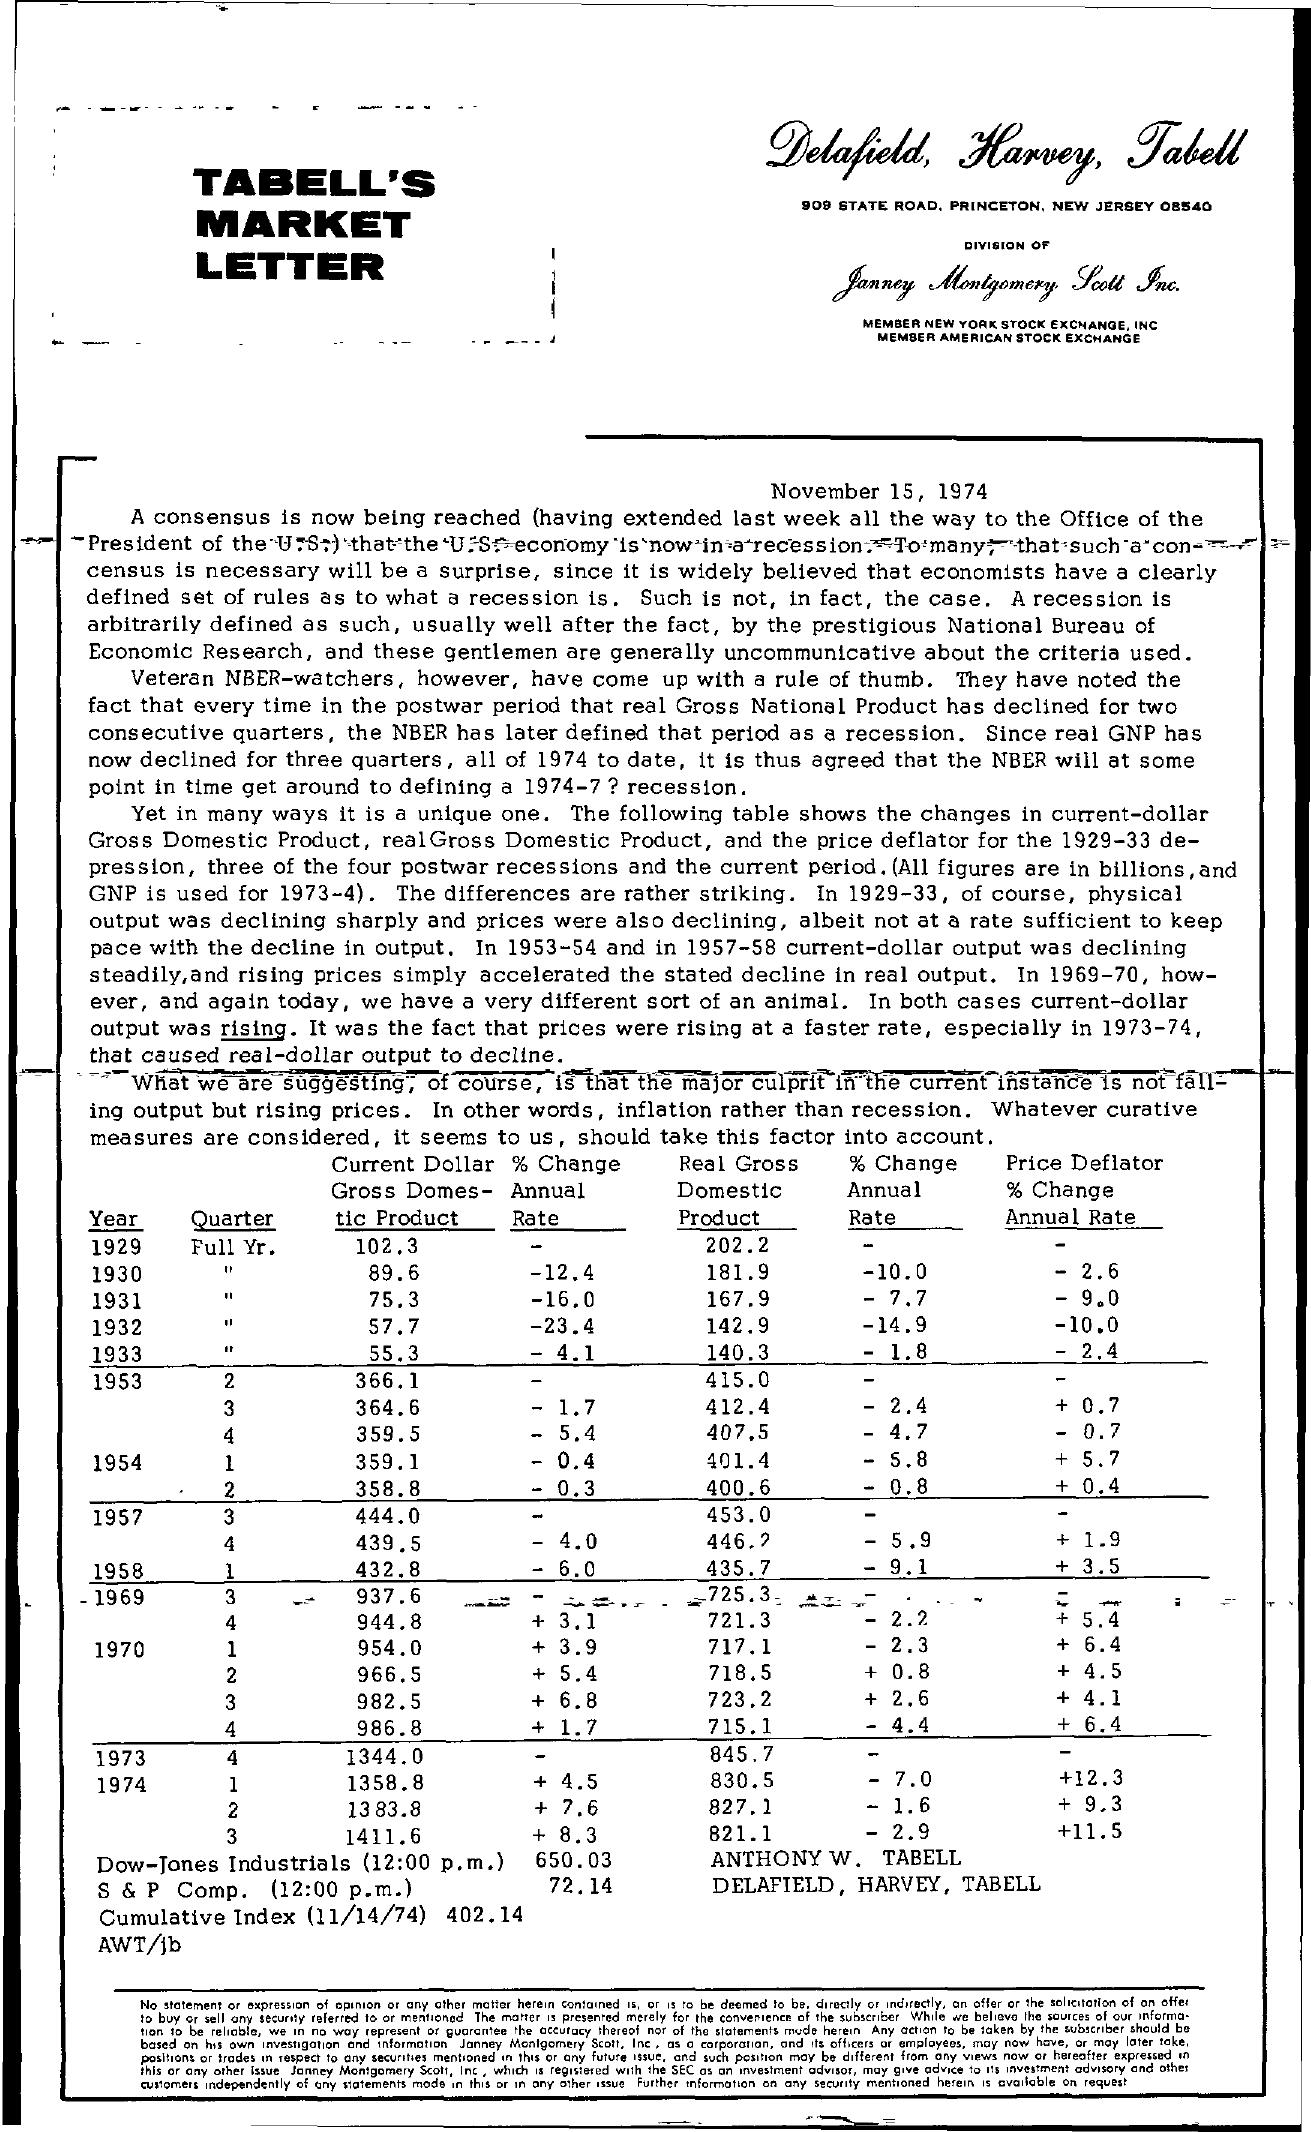 Tabell's Market Letter - November 15, 1974